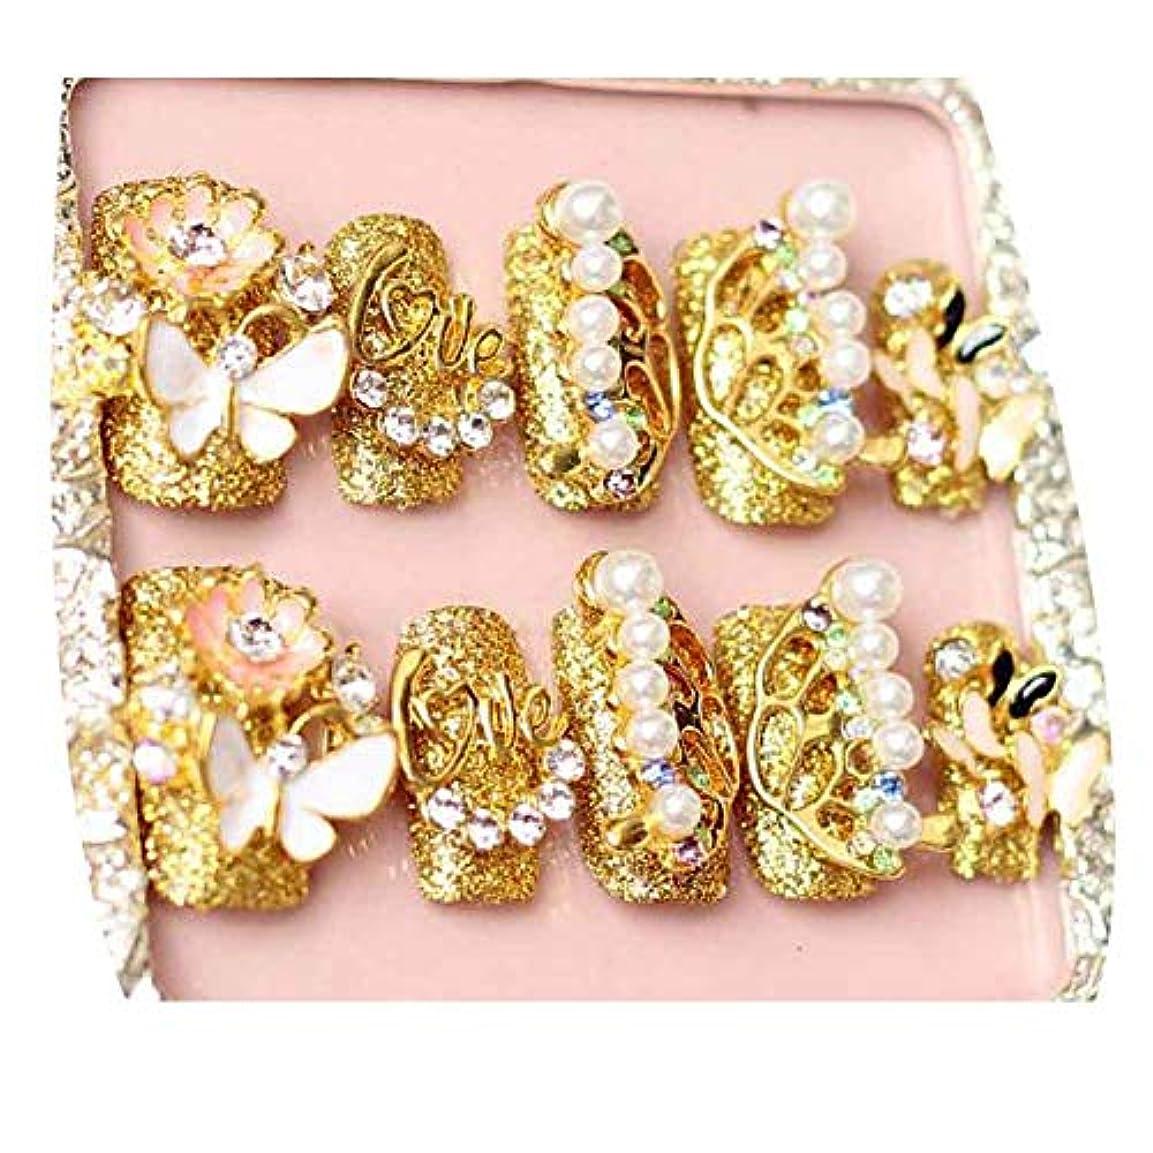 蝶 - ゴールドカラー偽爪結婚式人工爪のヒントビーズネイルアート